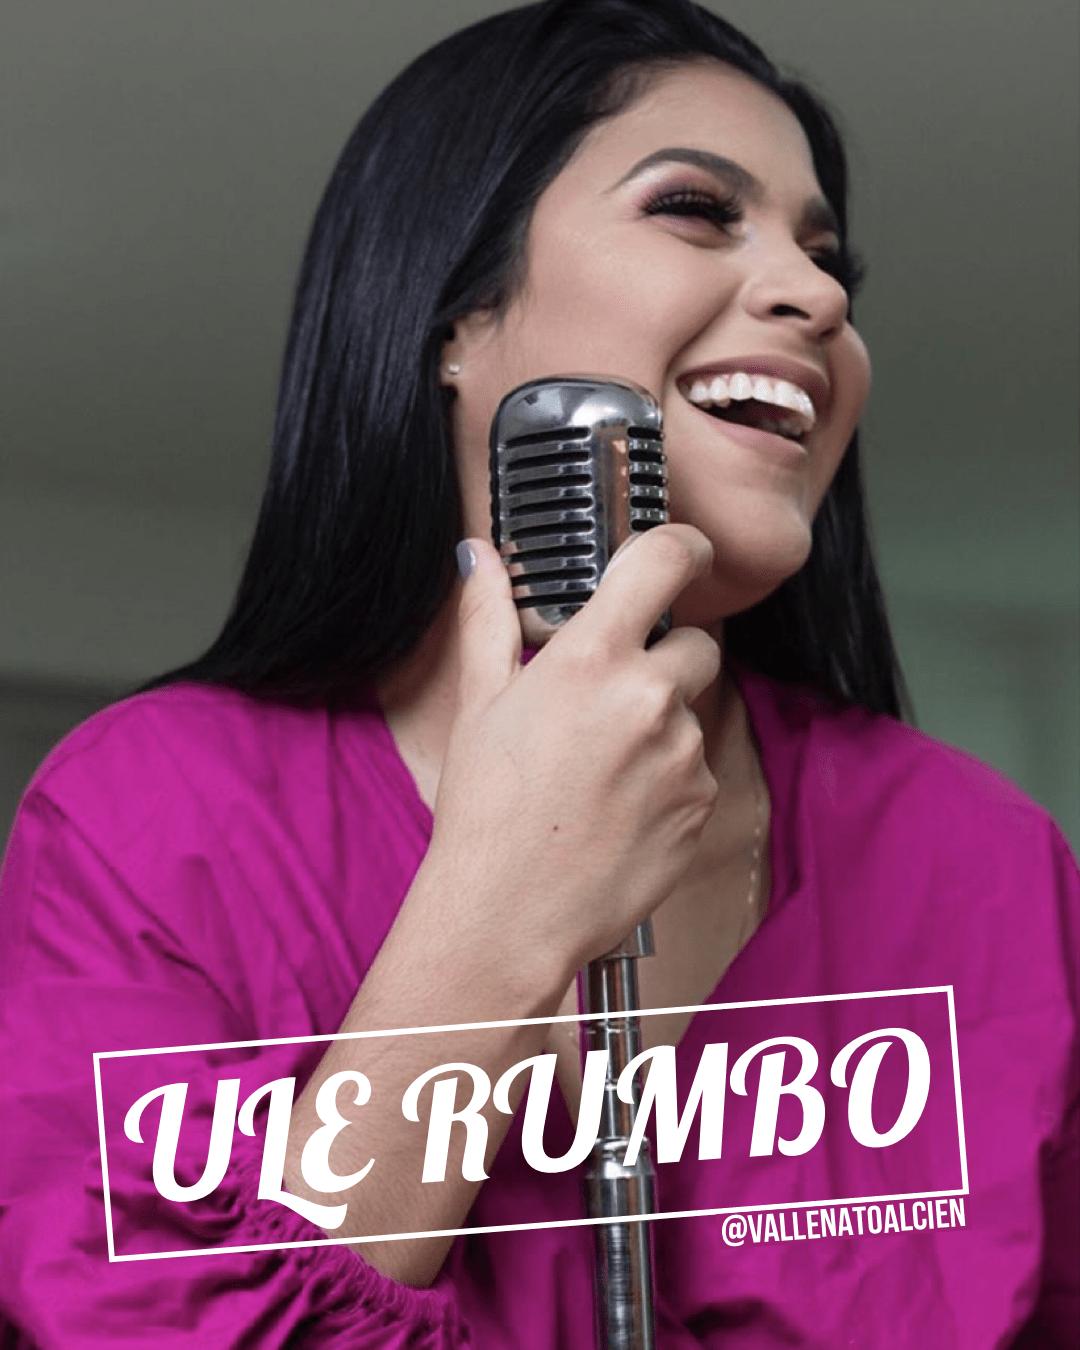 Ule Rumbo artista vallenato